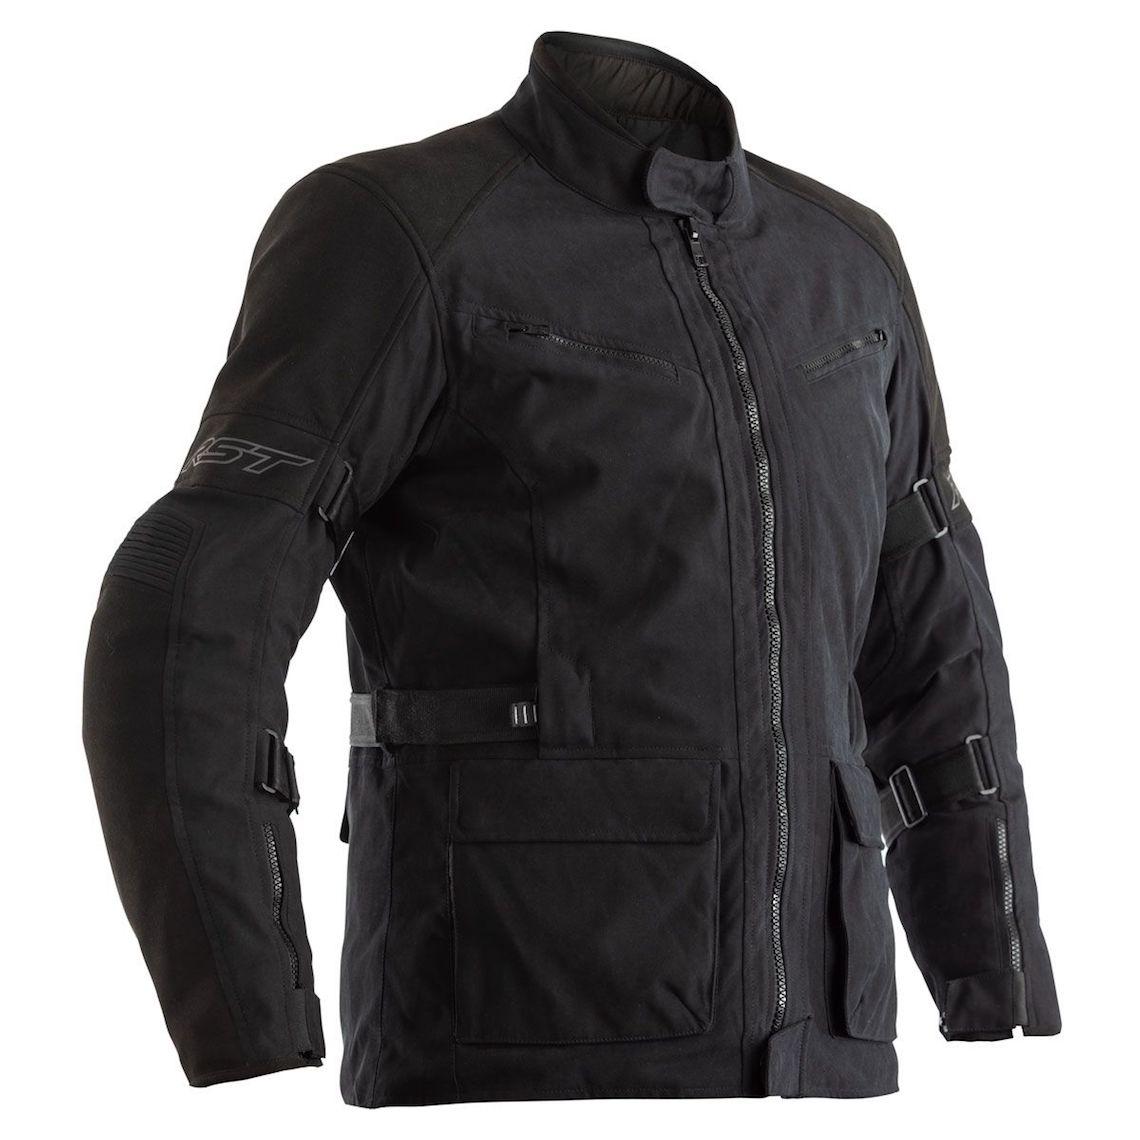 RST Pro Series Raid jacket